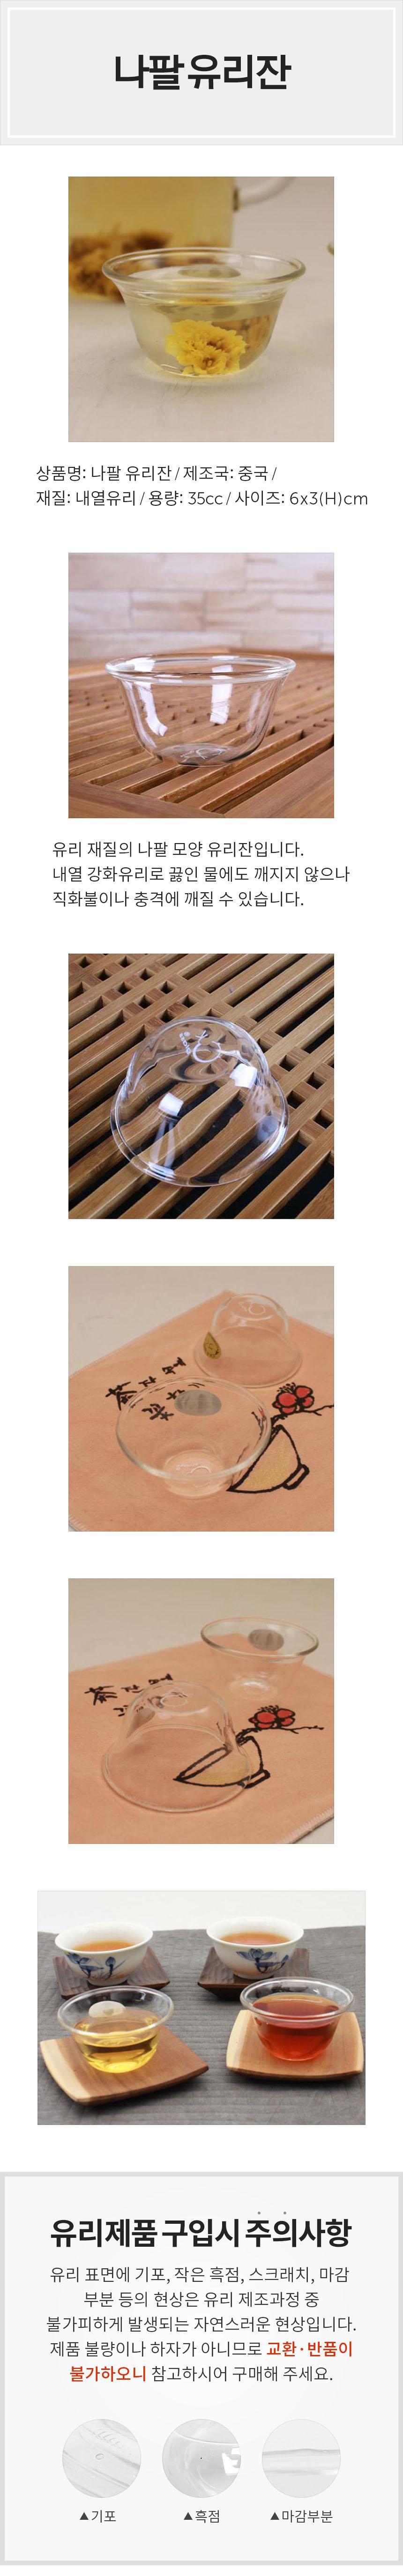 [유리잔]나팔 유리잔 [CKD-123A] - 차예마을, 2,000원, 커피잔/찻잔, 커피잔/찻잔